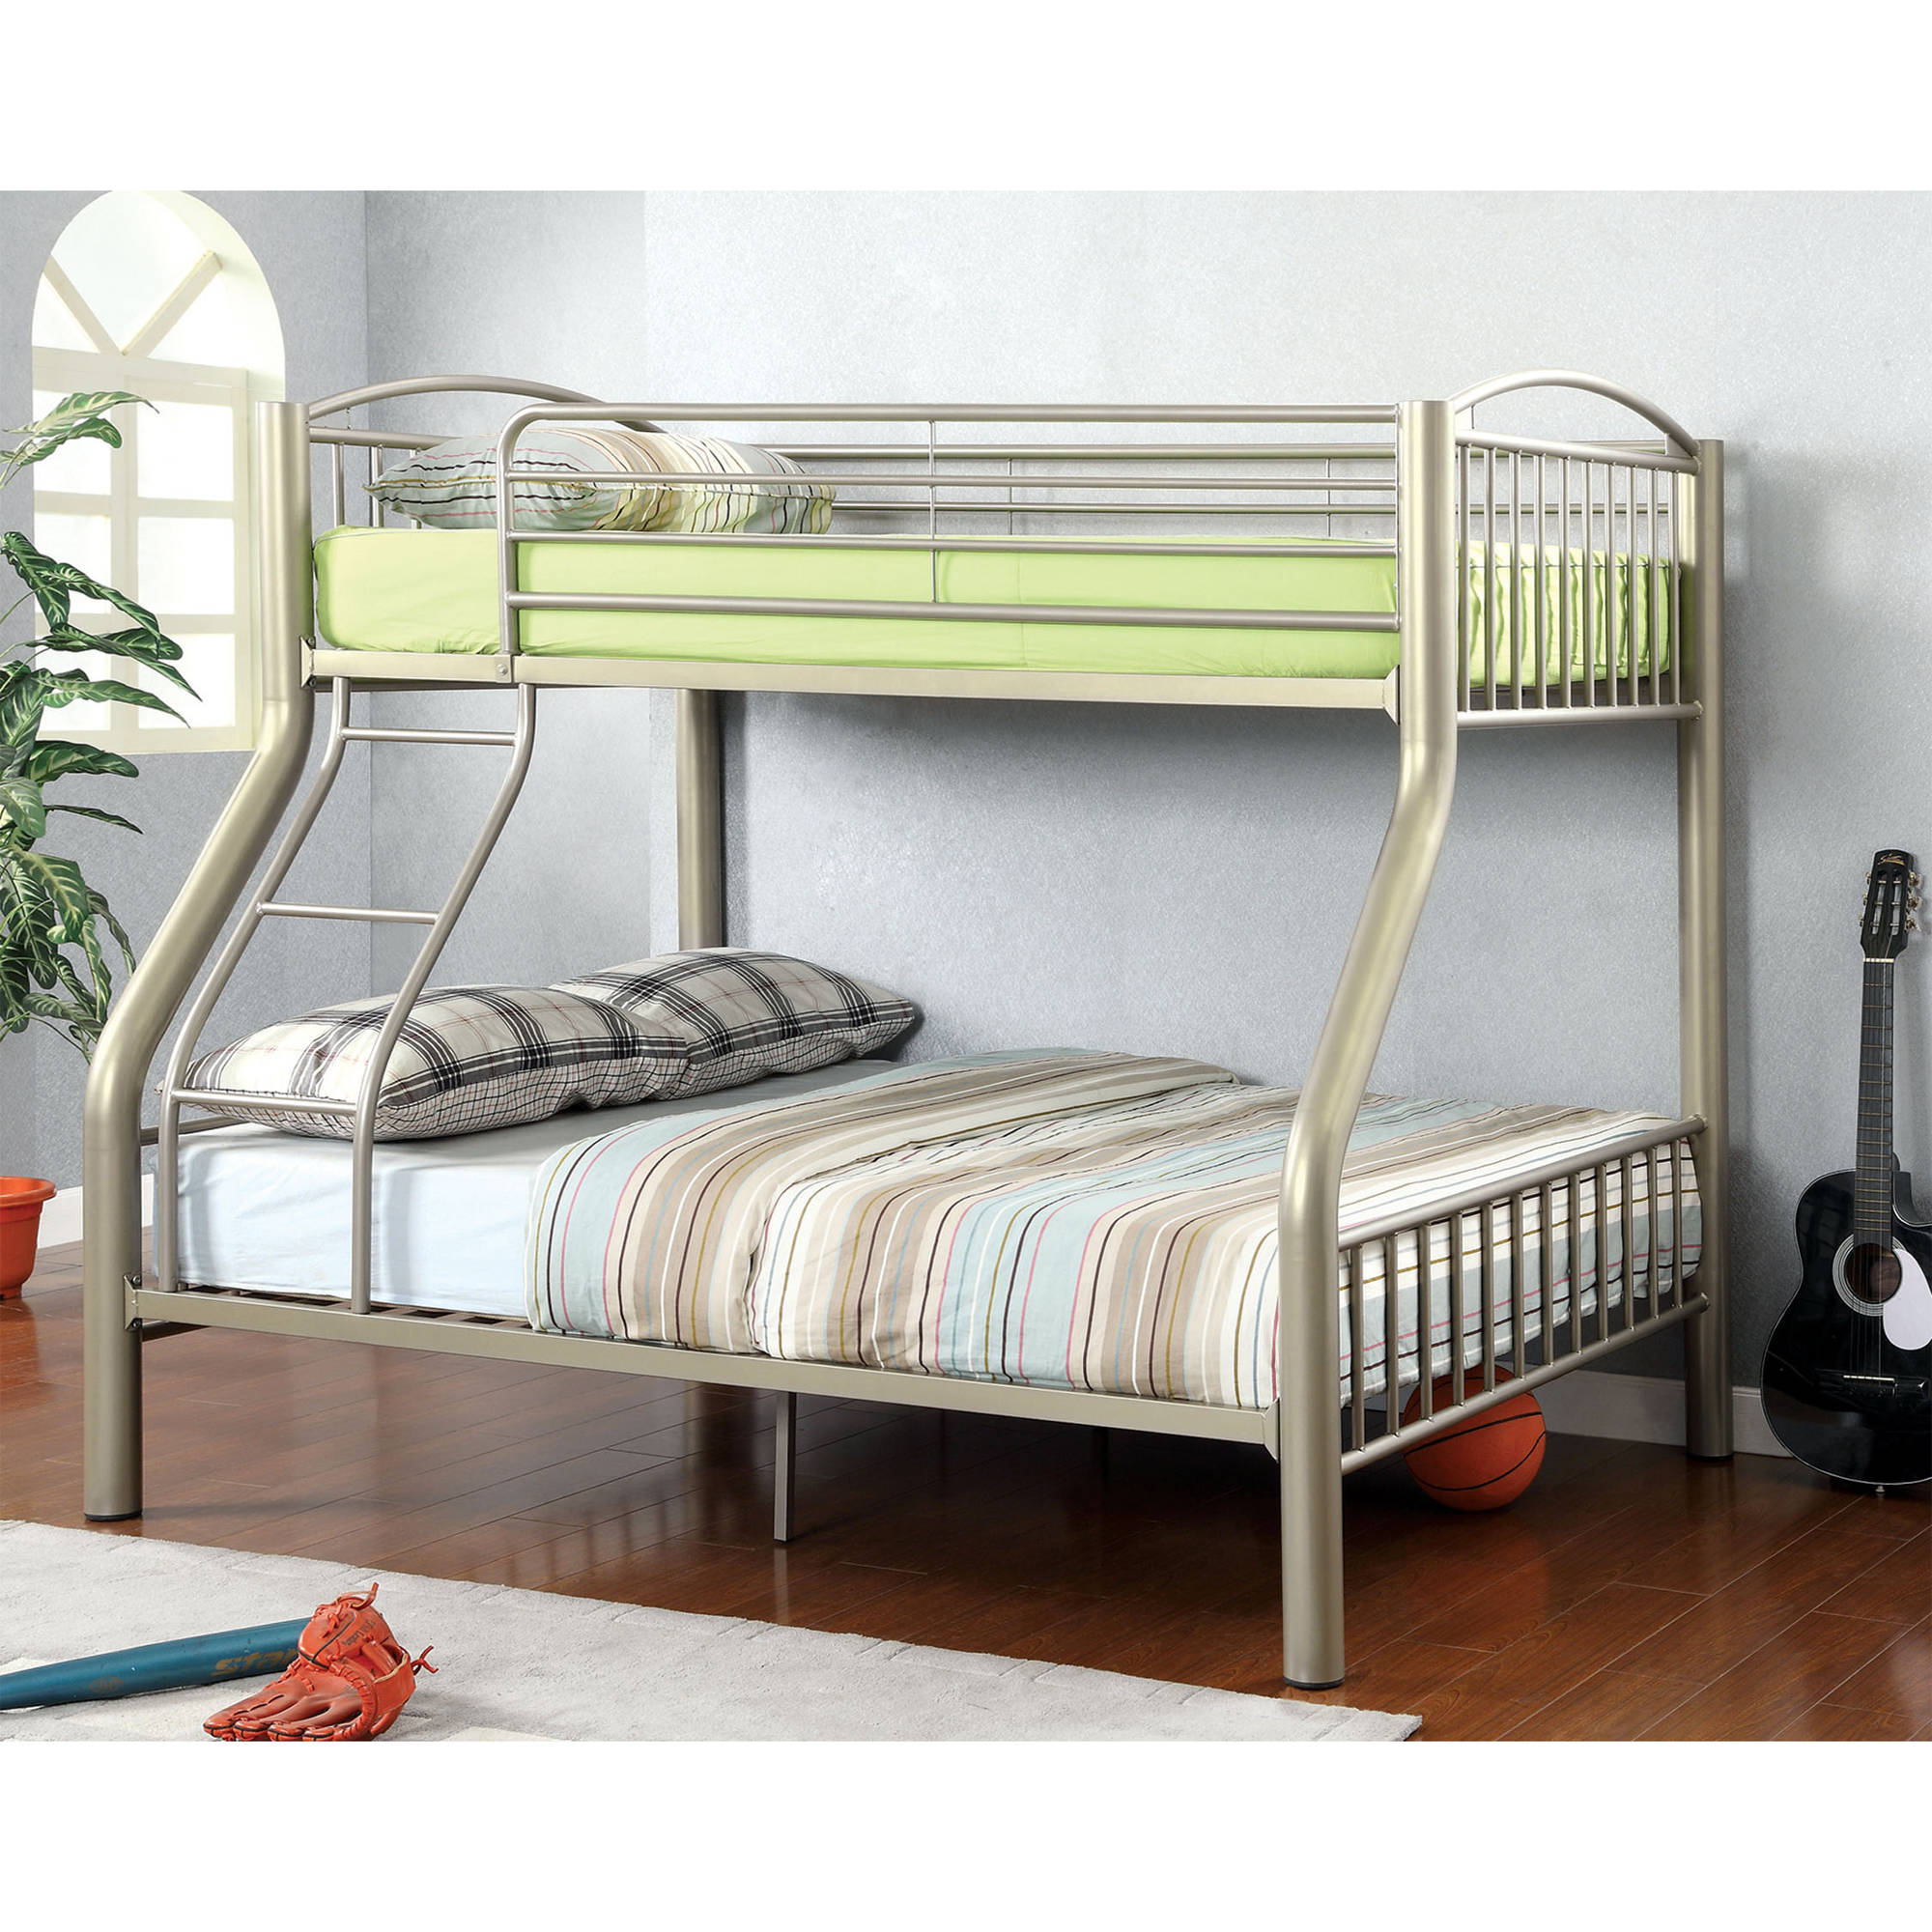 33 Inch Bunk Bed